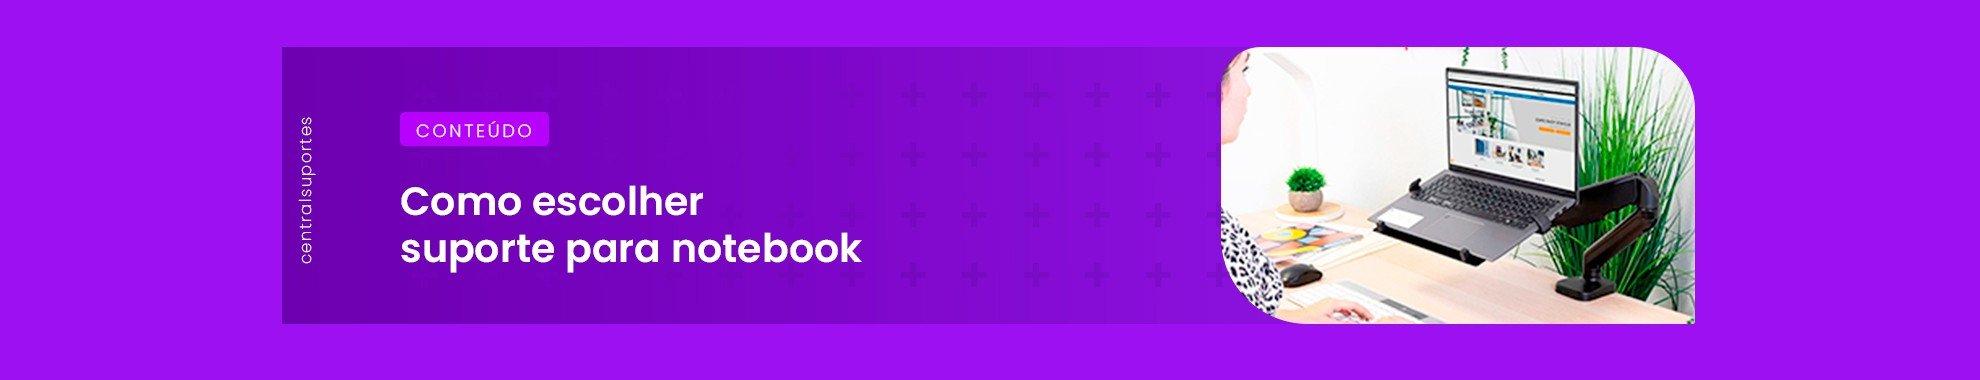 banner como escolher suporte para notebook